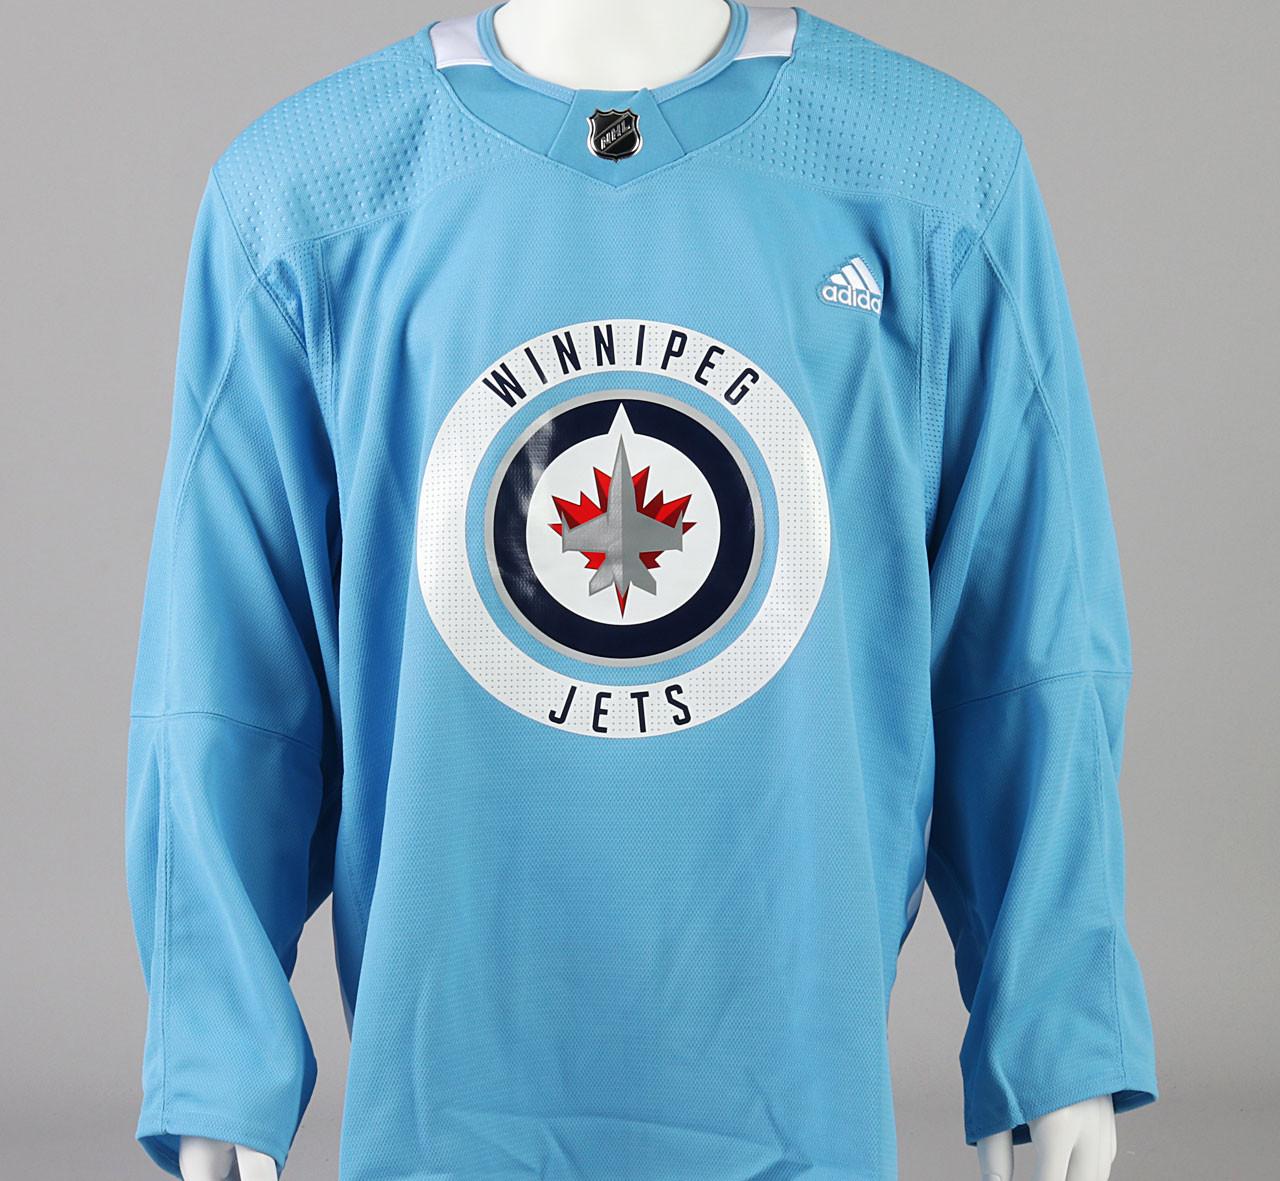 best sneakers 414dd 35049 Practice Jersey - Winnipeg Jets - Baby Blue Adidas Size 56 #2